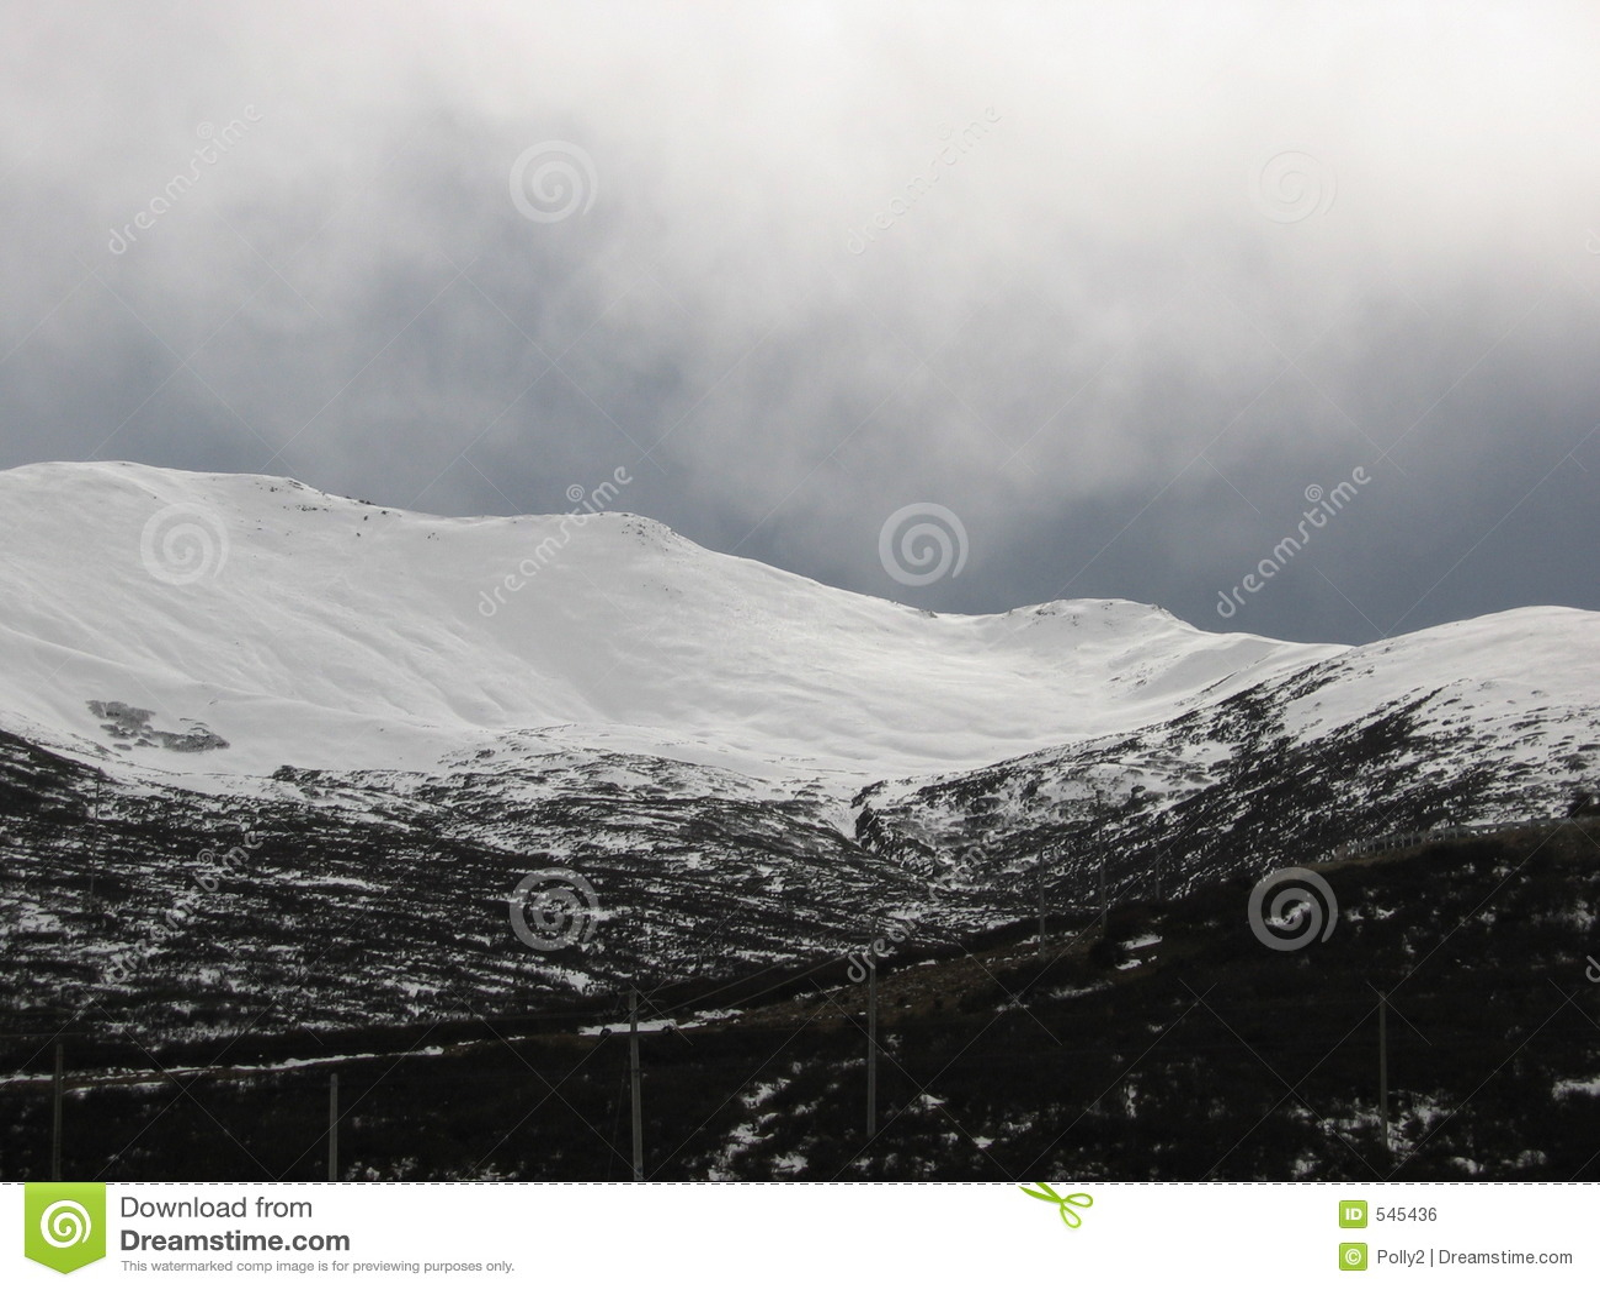 Download 风暴冬天 库存照片. 图片 包括有 云彩, 灰色, 冰雹, 风暴, 风雨如磐, 雨夹雪, 冬天 - 545436